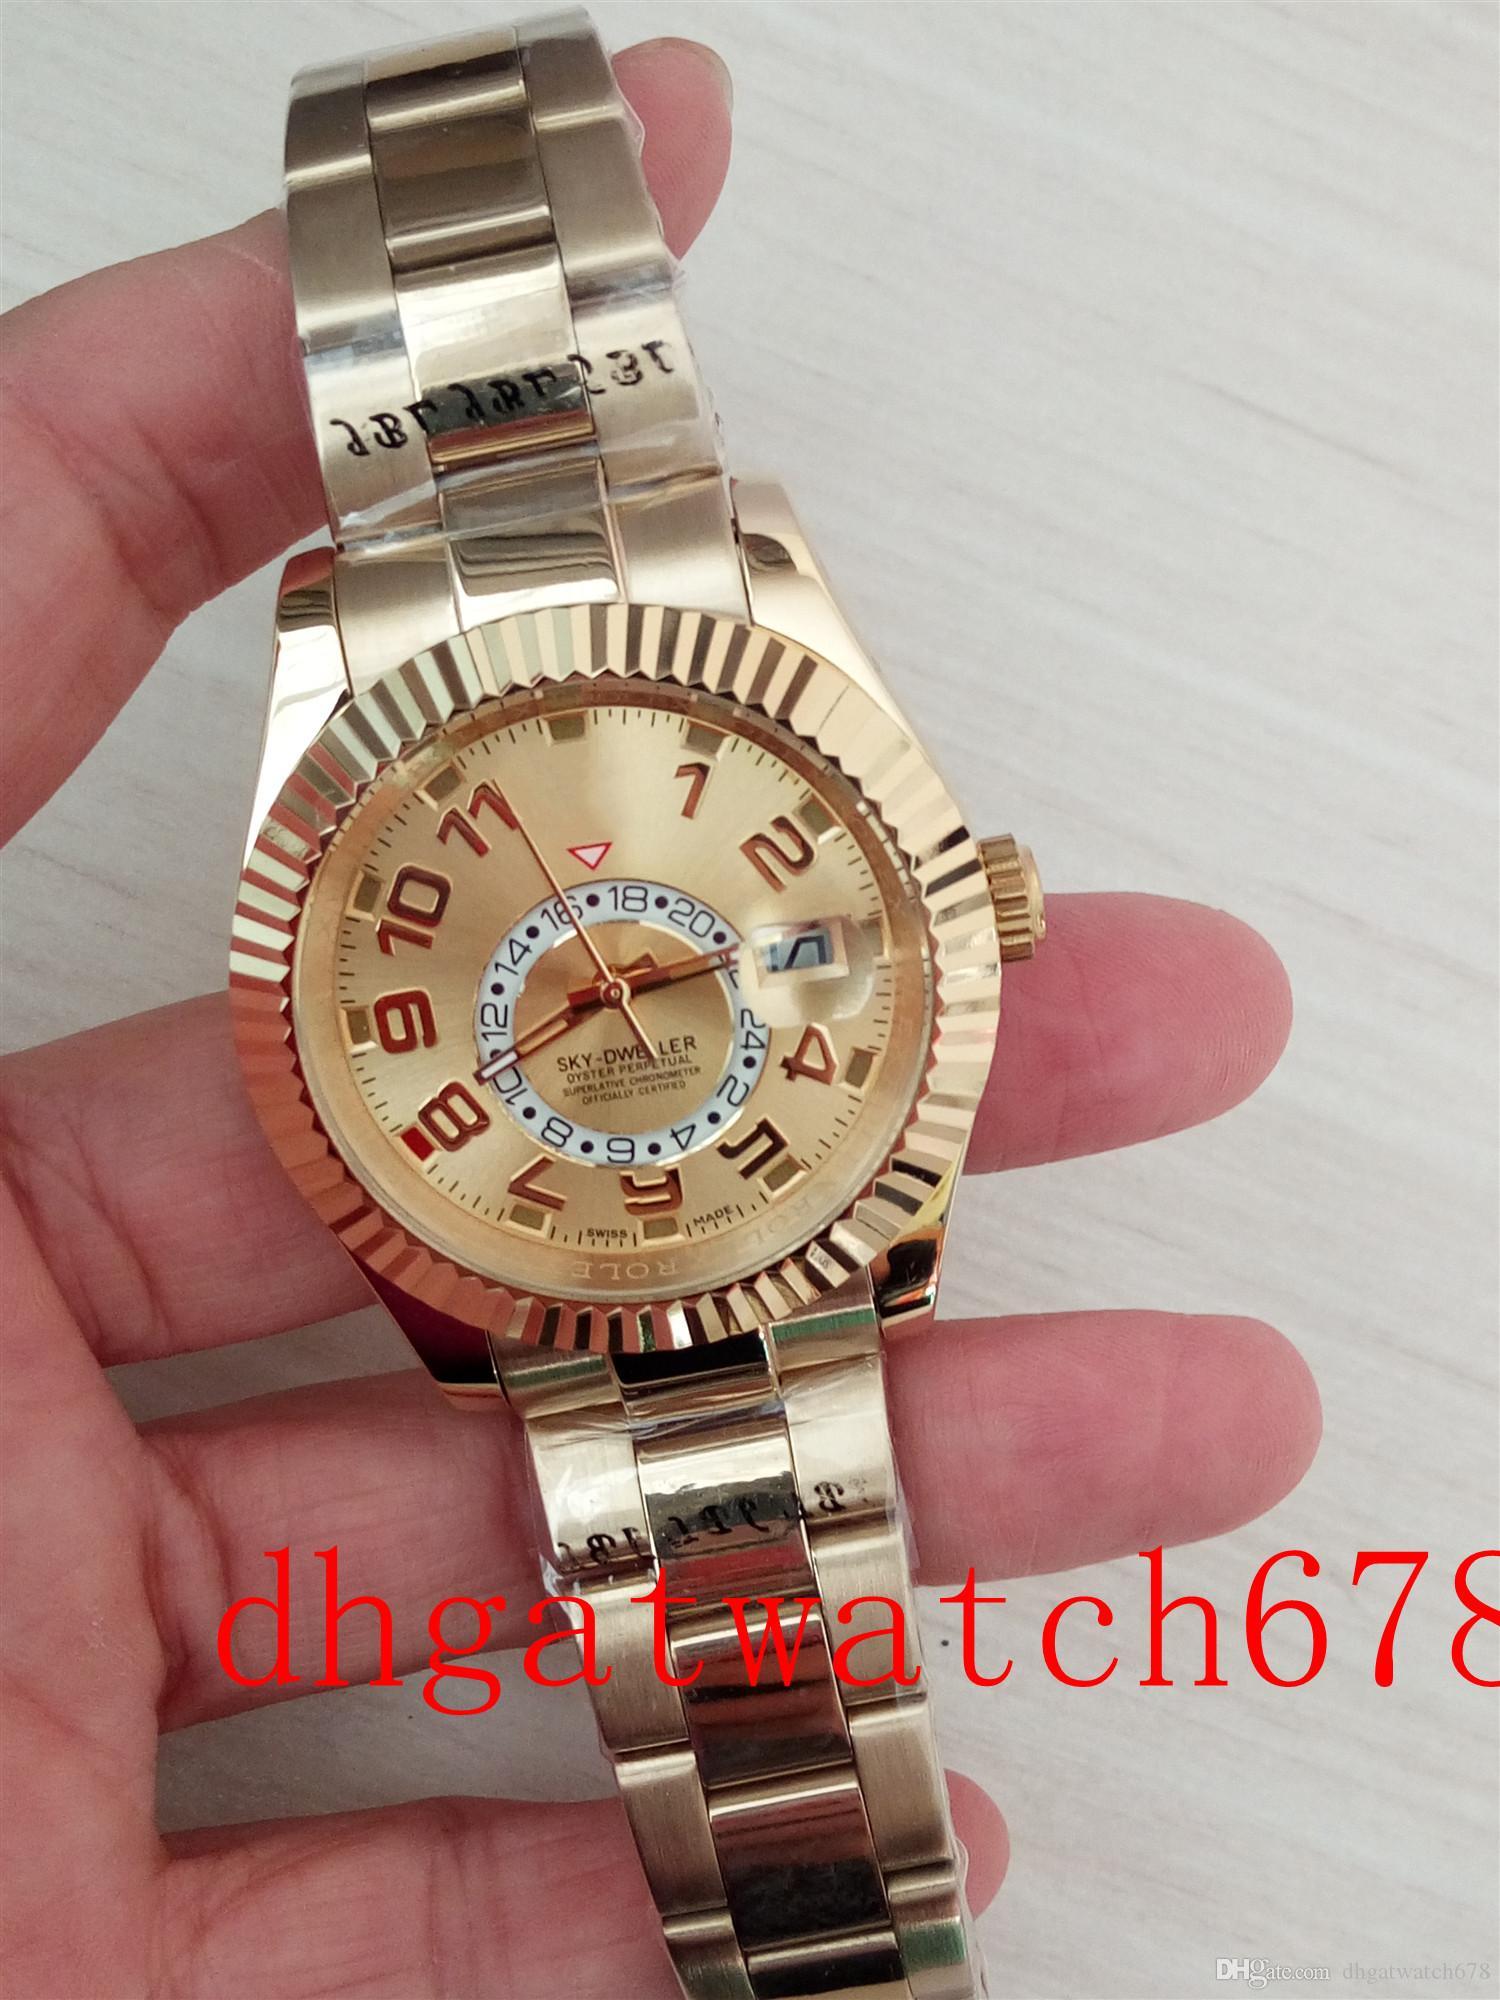 Neue Luxus-326938 18 Karat Gold Champagner Farbe Digital-Dial 41mm automatische Art und Weise Uhr der Männer Uhr